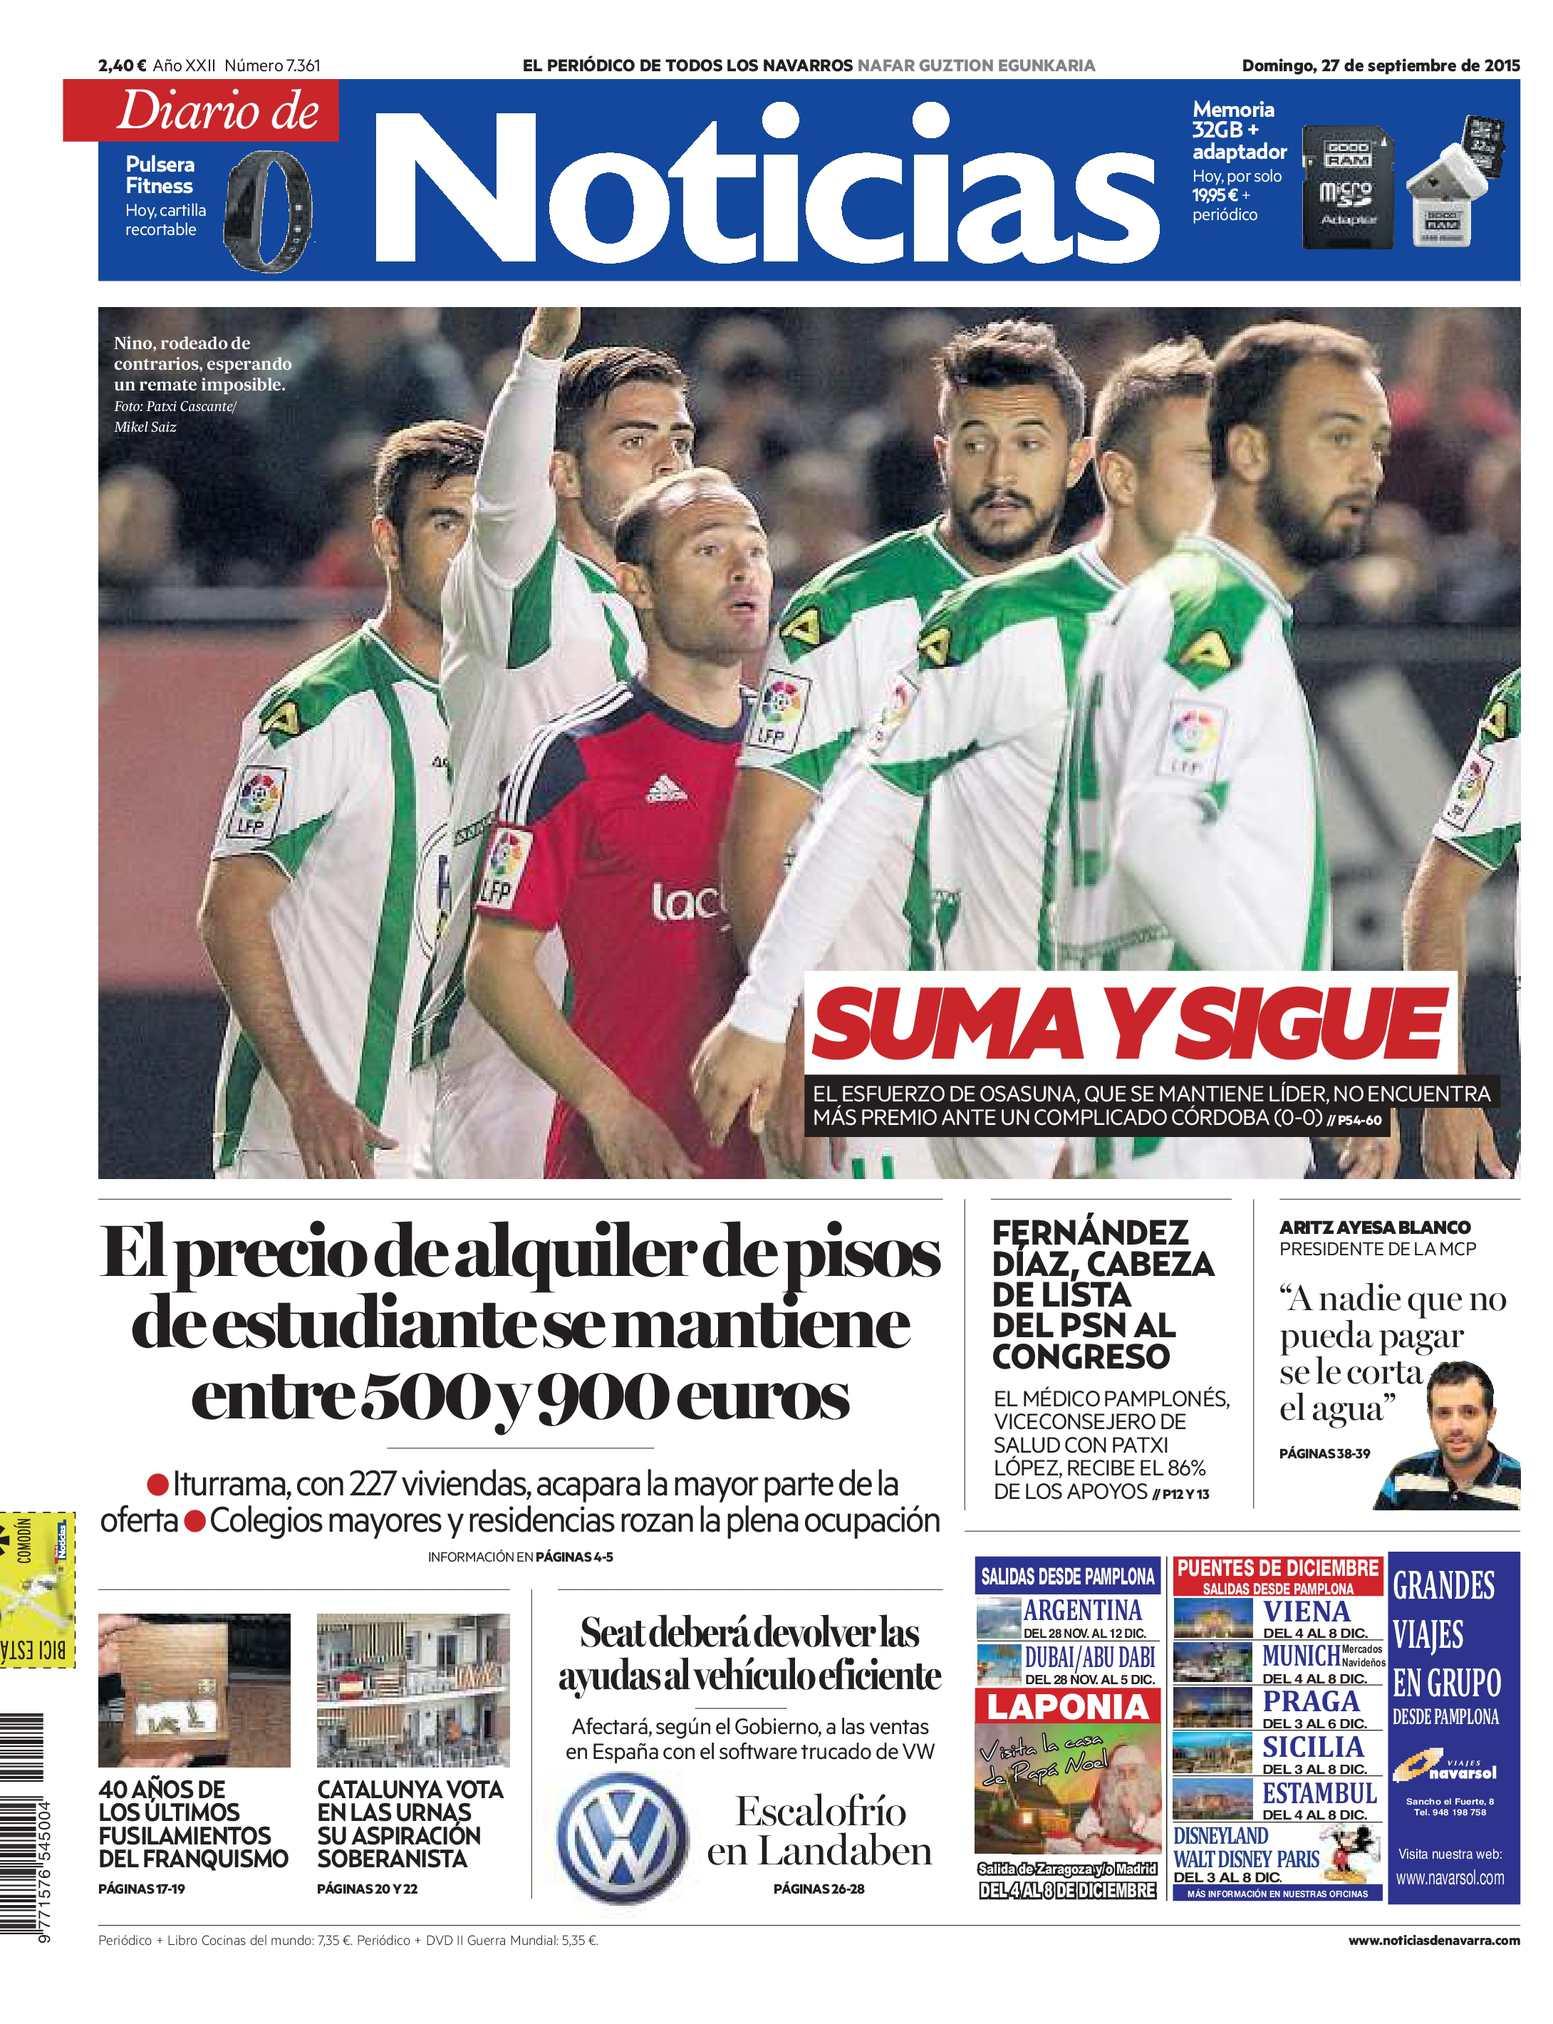 Calaméo - Diario de Noticias 20150927 606e87a241322